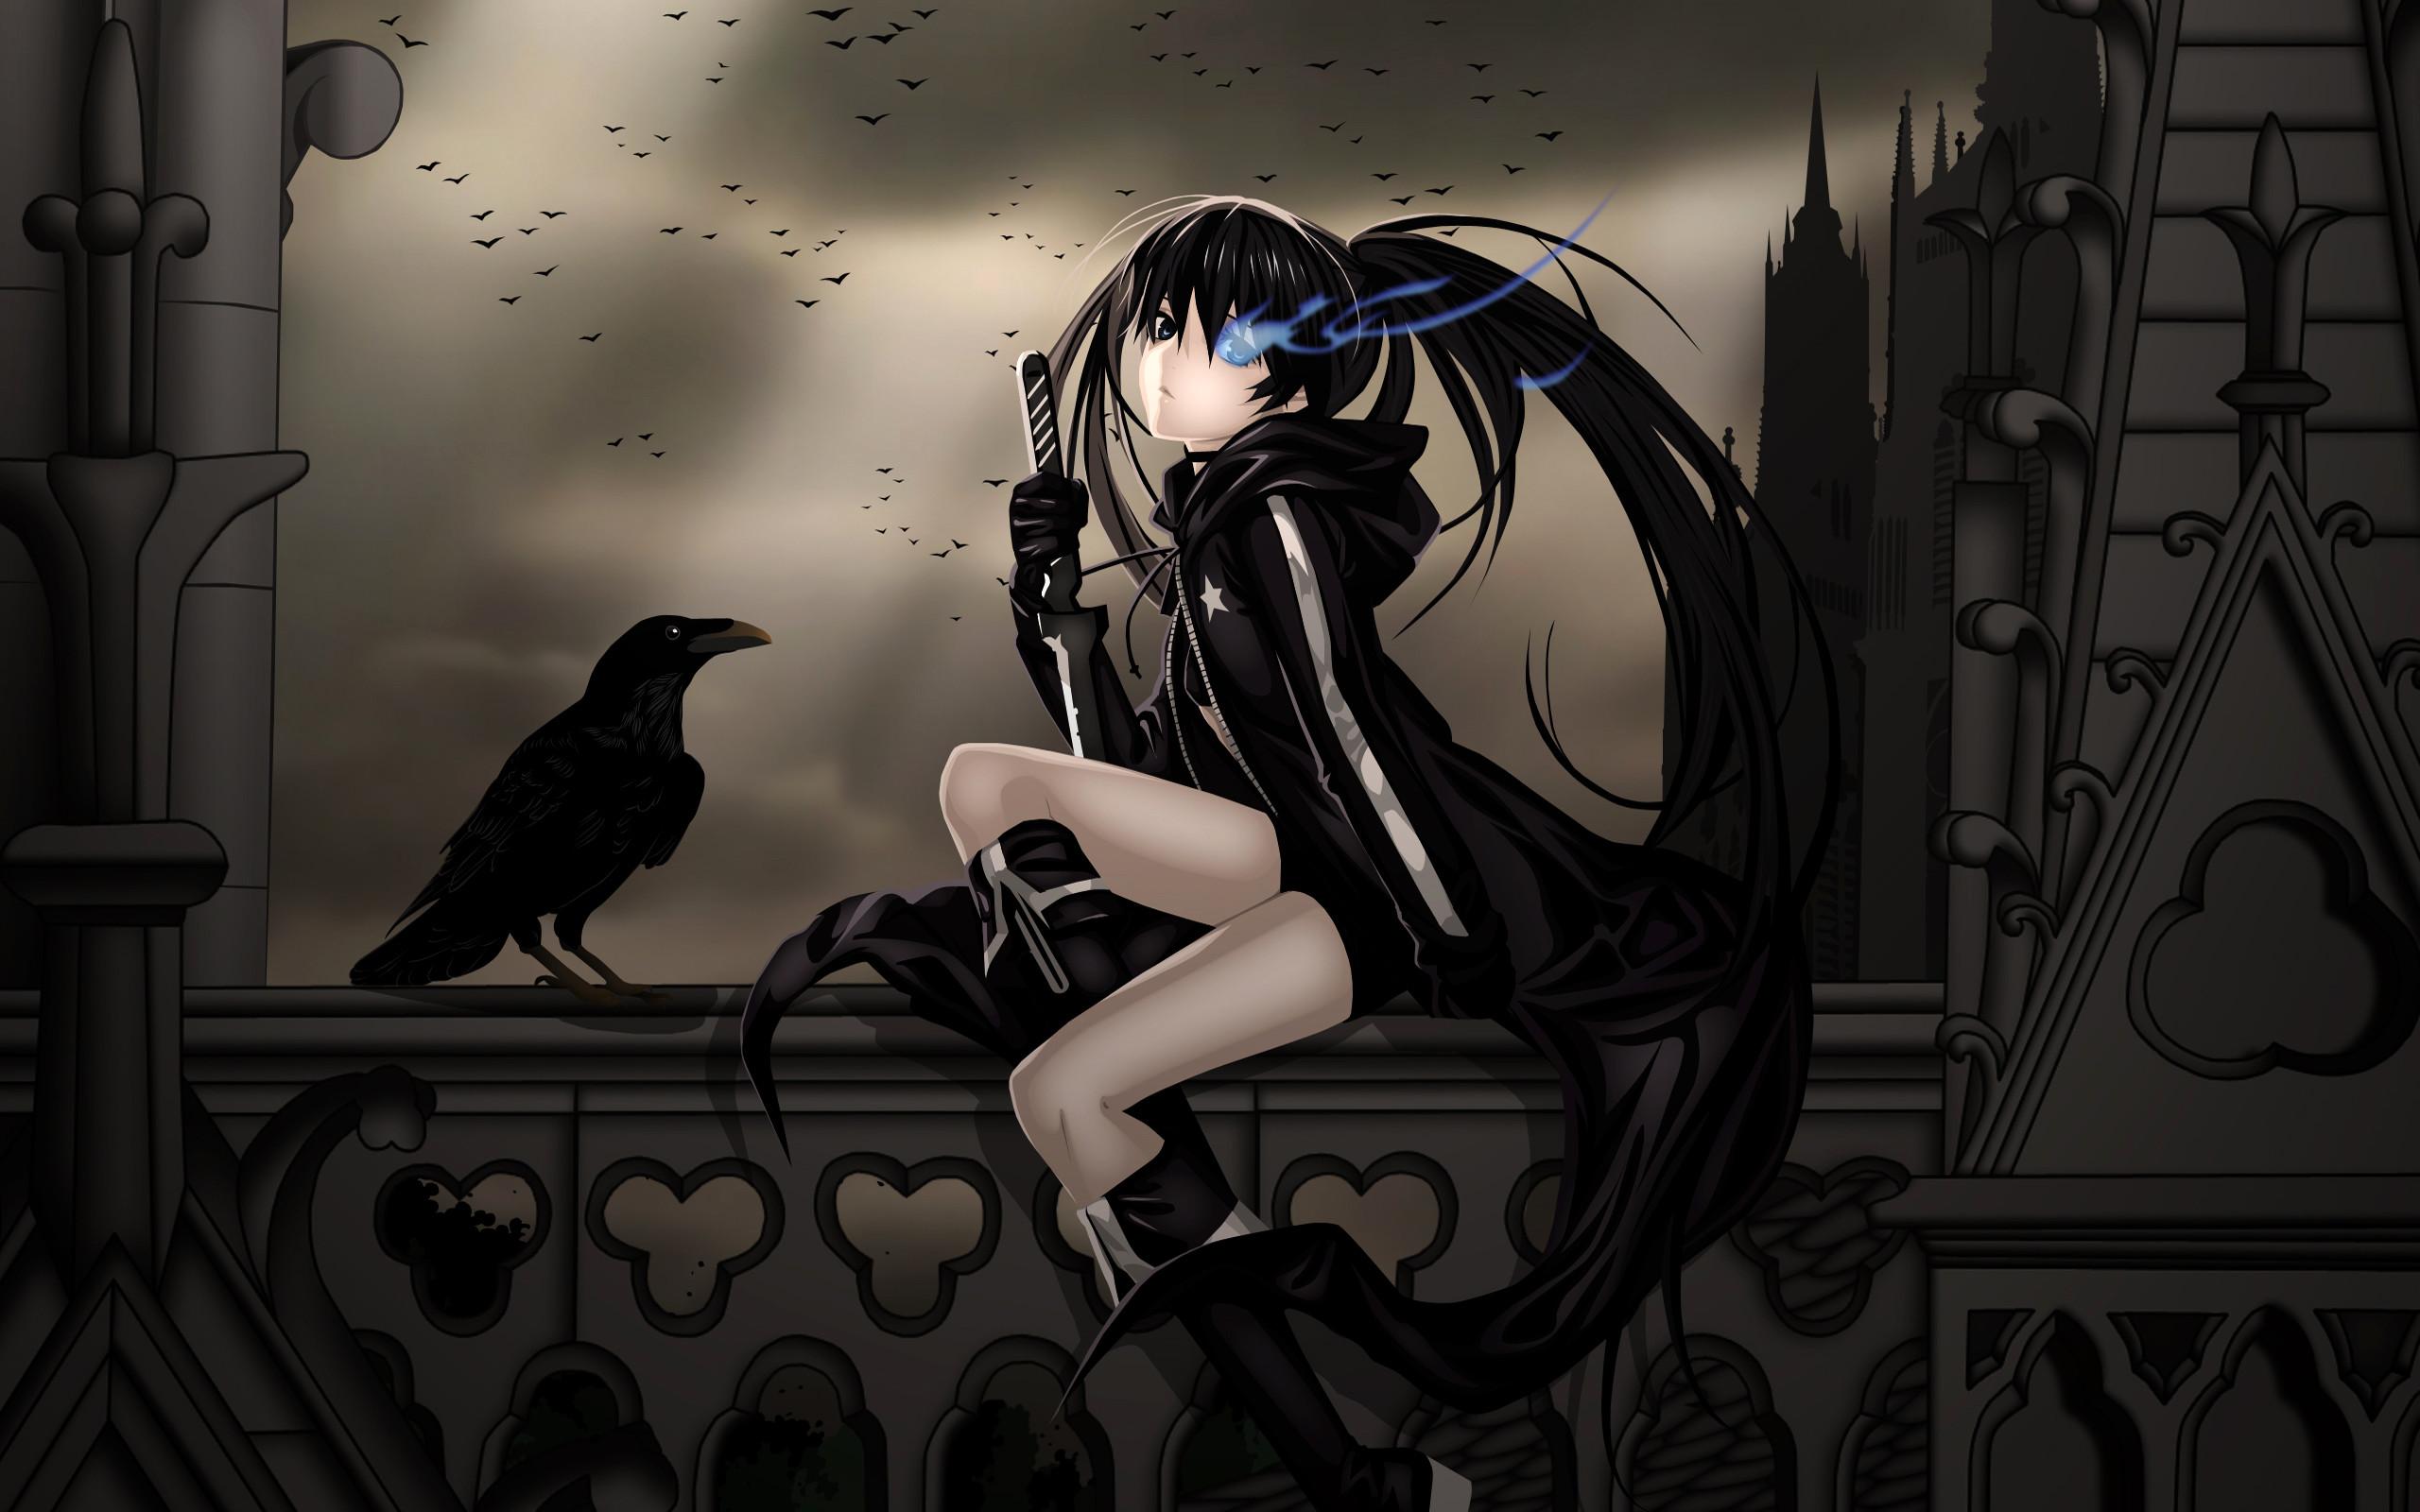 Dark Anime Girl Wallpaper 8929